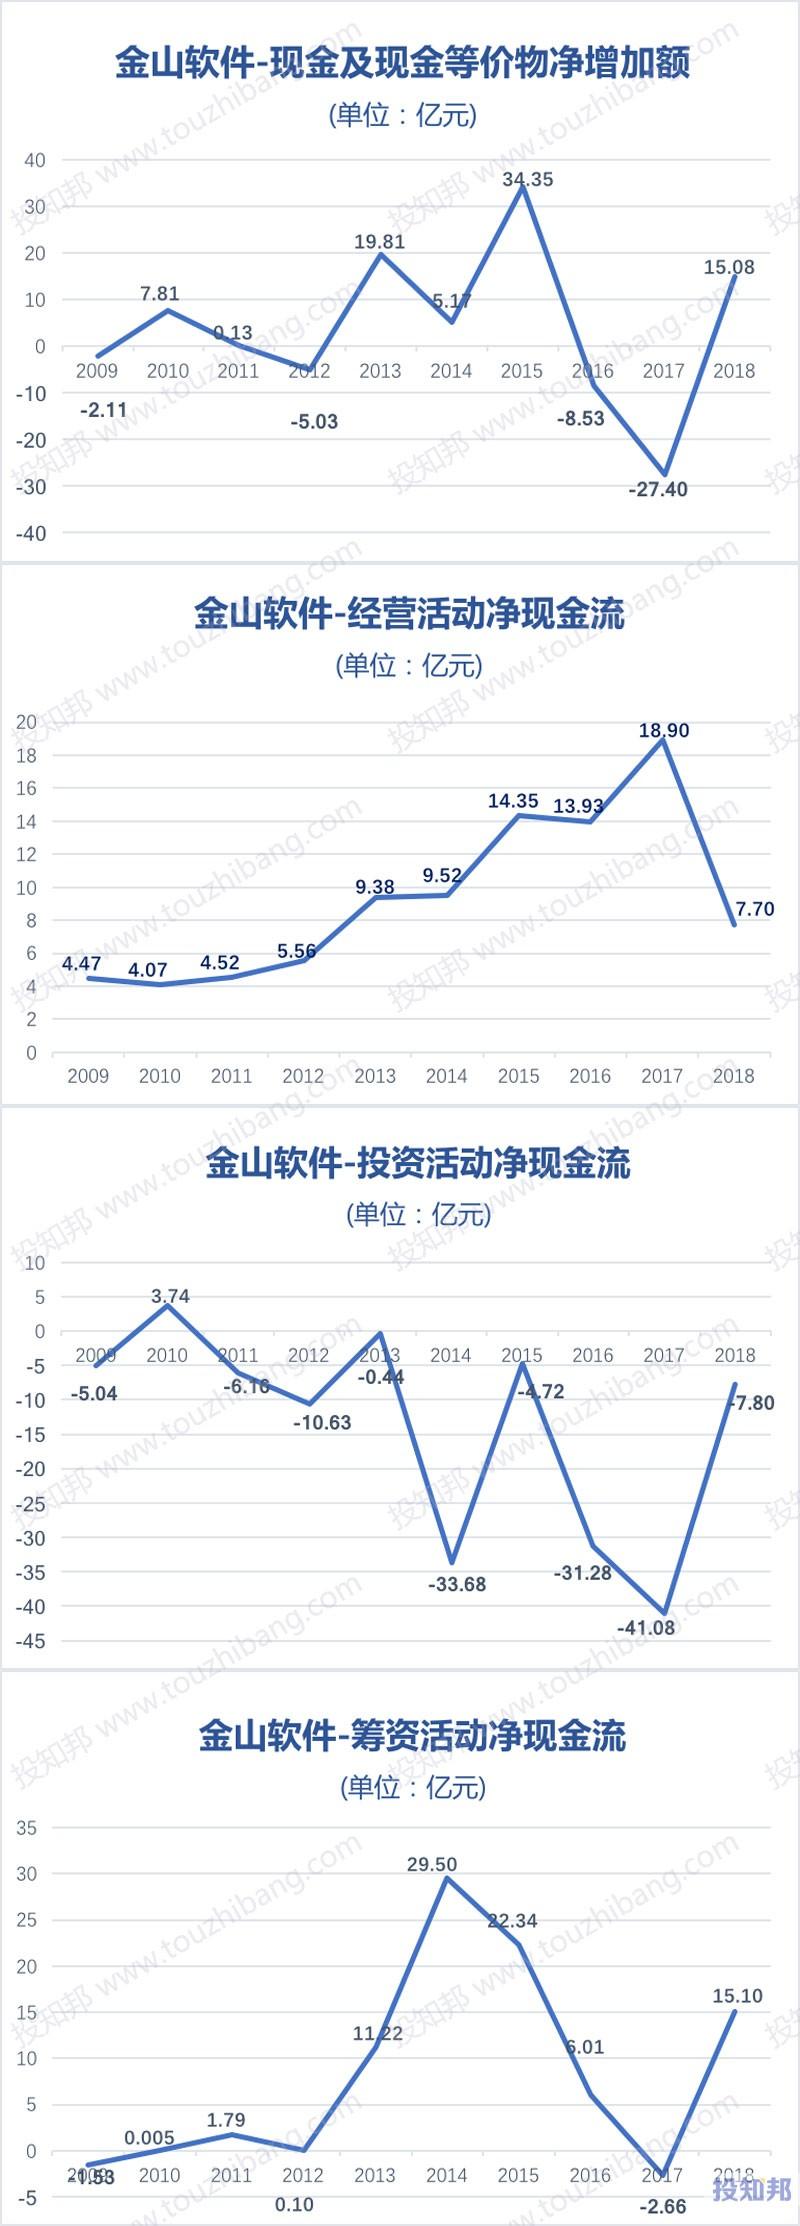 图解金山软件(HK3888)财报数据(2009年~2019年Q3)